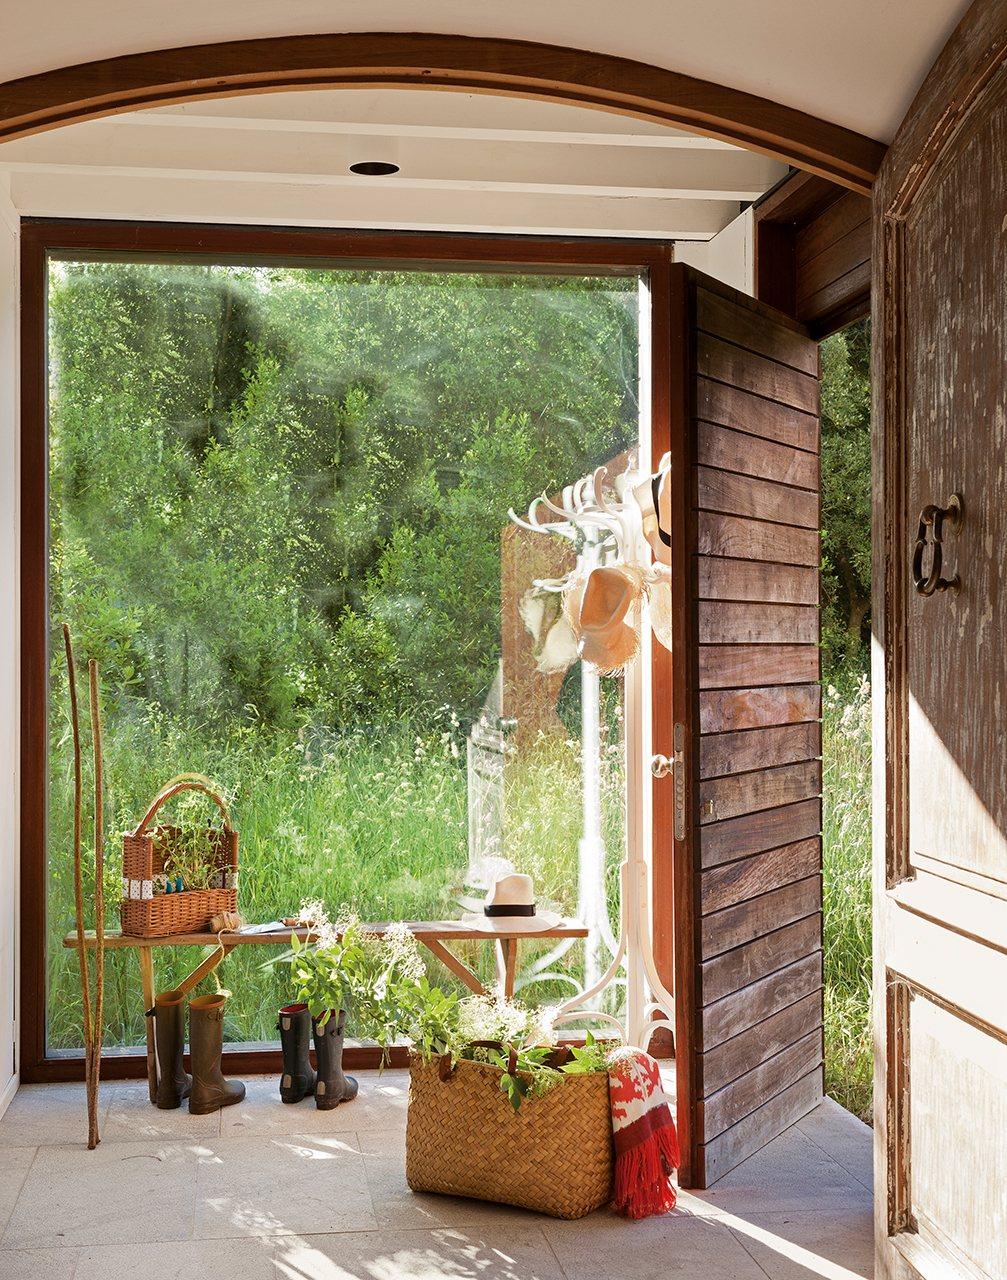 Cambia tu casa renovando puertas y ventanas for Ventanas de aluminio con marco de madera